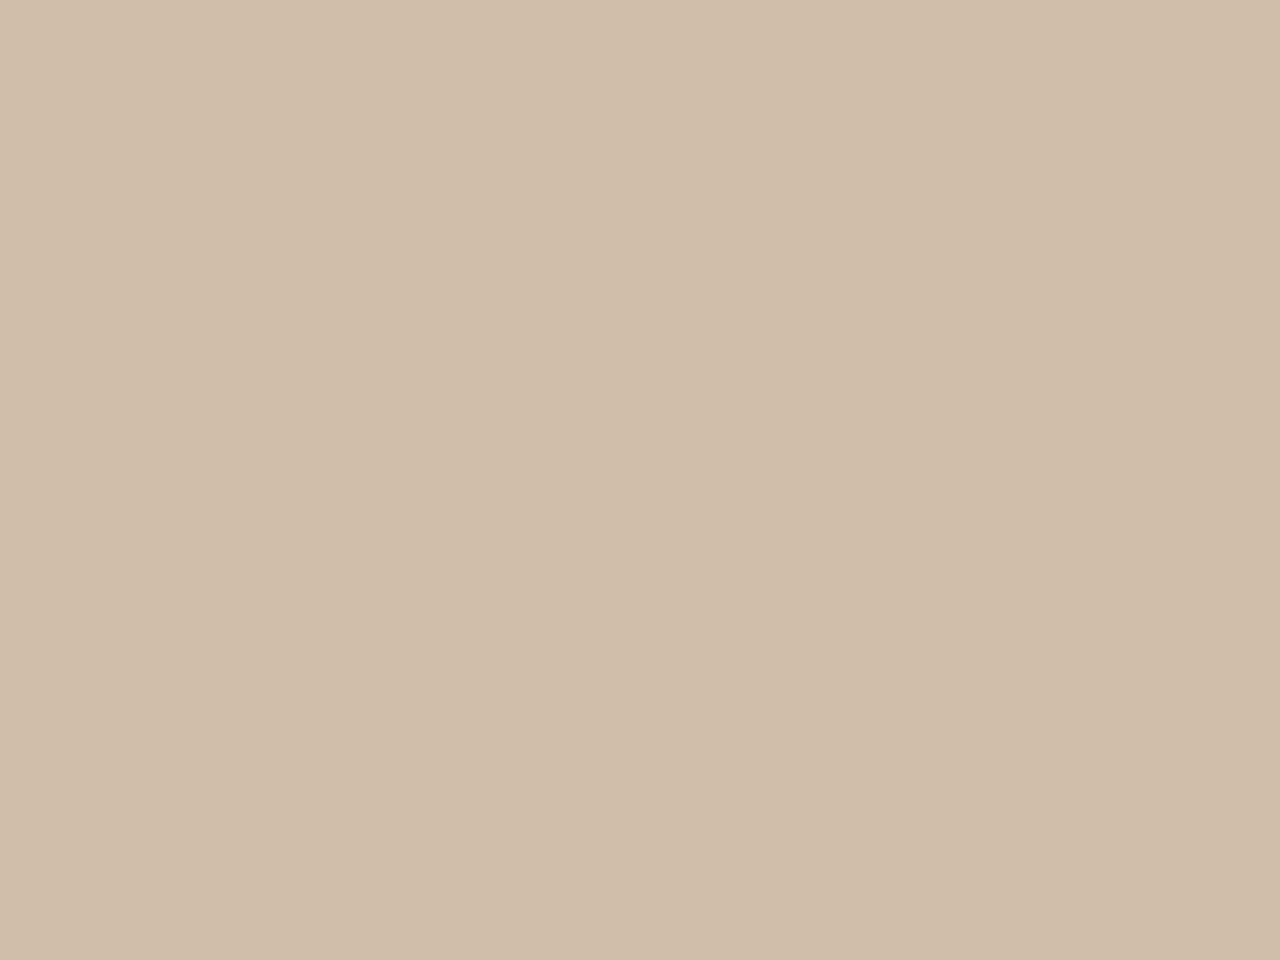 1280x960 Dark Vanilla Solid Color Background